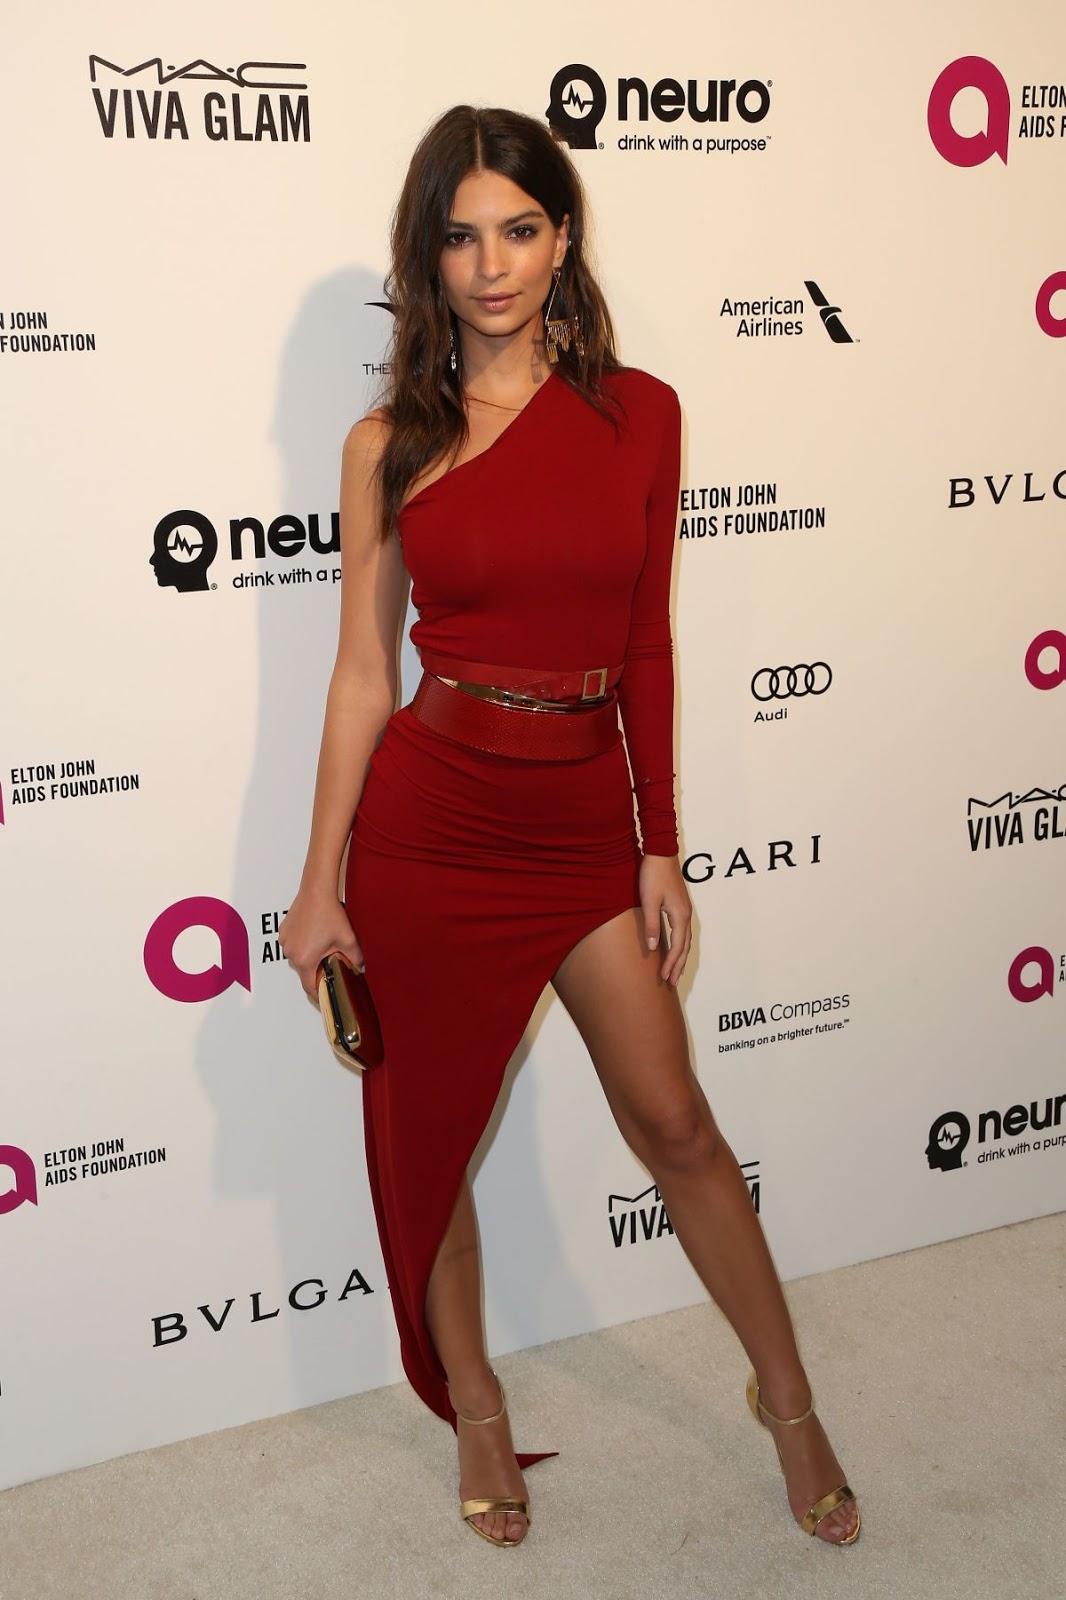 Entourage actress Emily Ratajkowski at Elton John Aids Foundation's Oscar Viewing Party